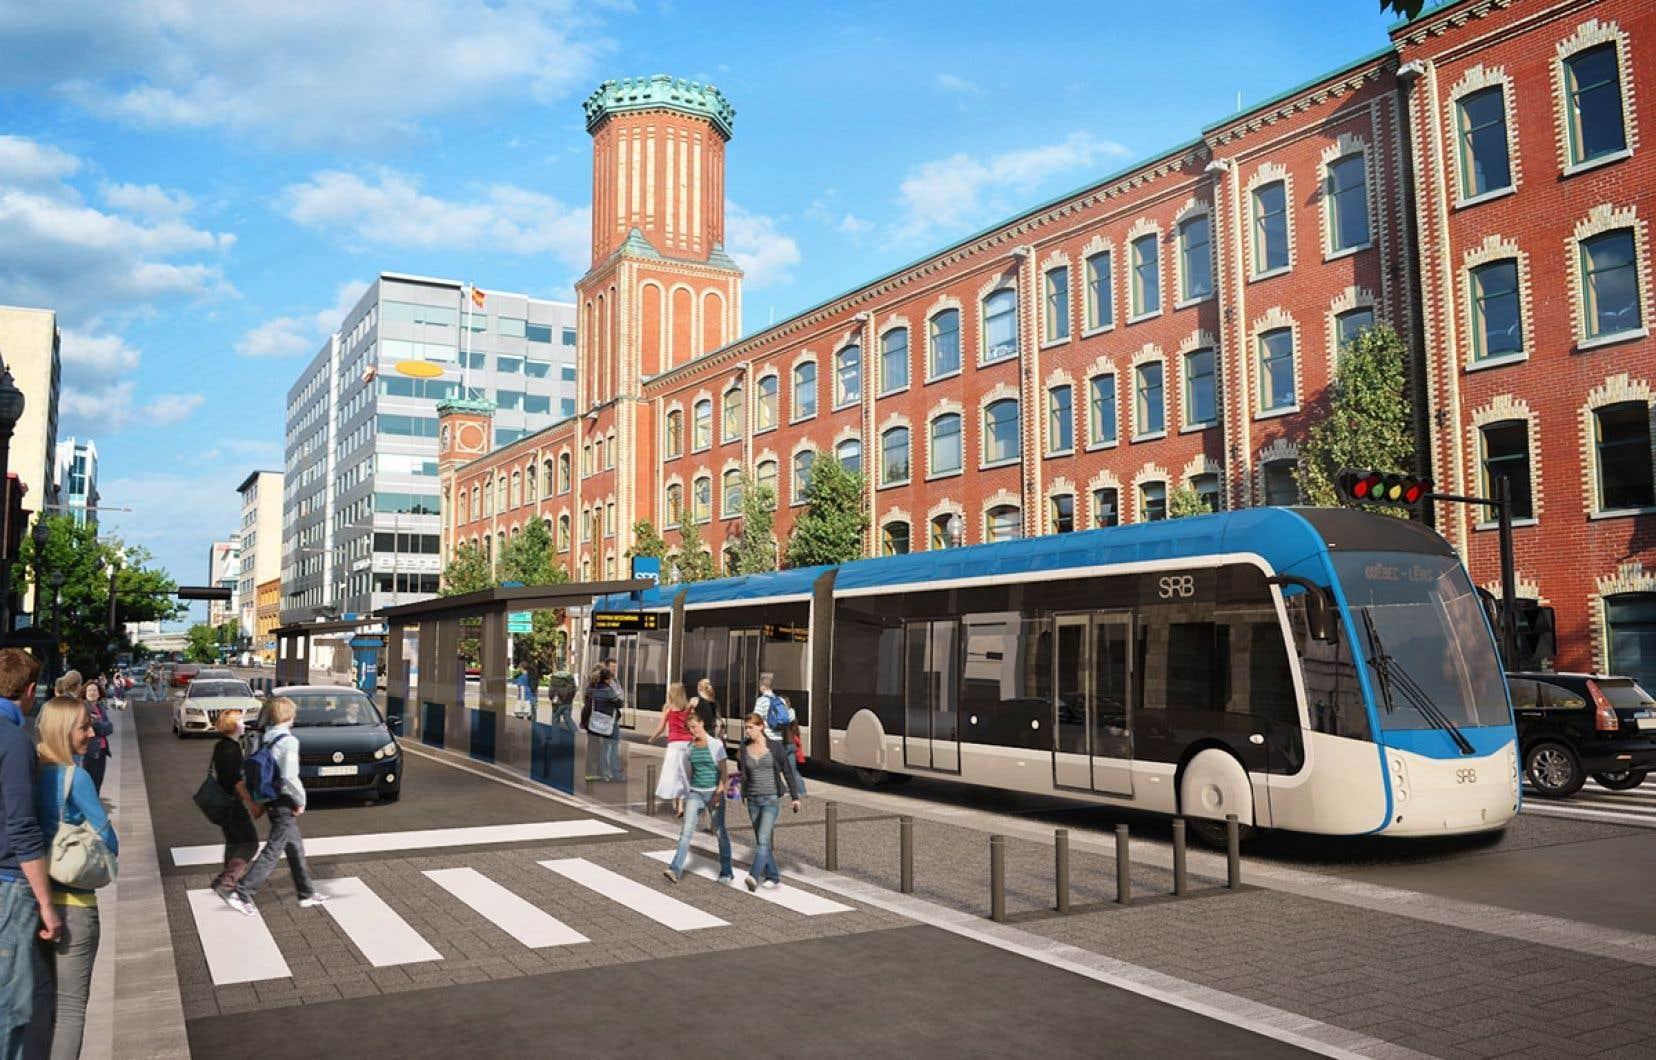 Le document de la CAQ parle d'un projet de «transport structurant», mais François Legault a bien précisé qu'il pense à un tramway pour la Ville de Québec.